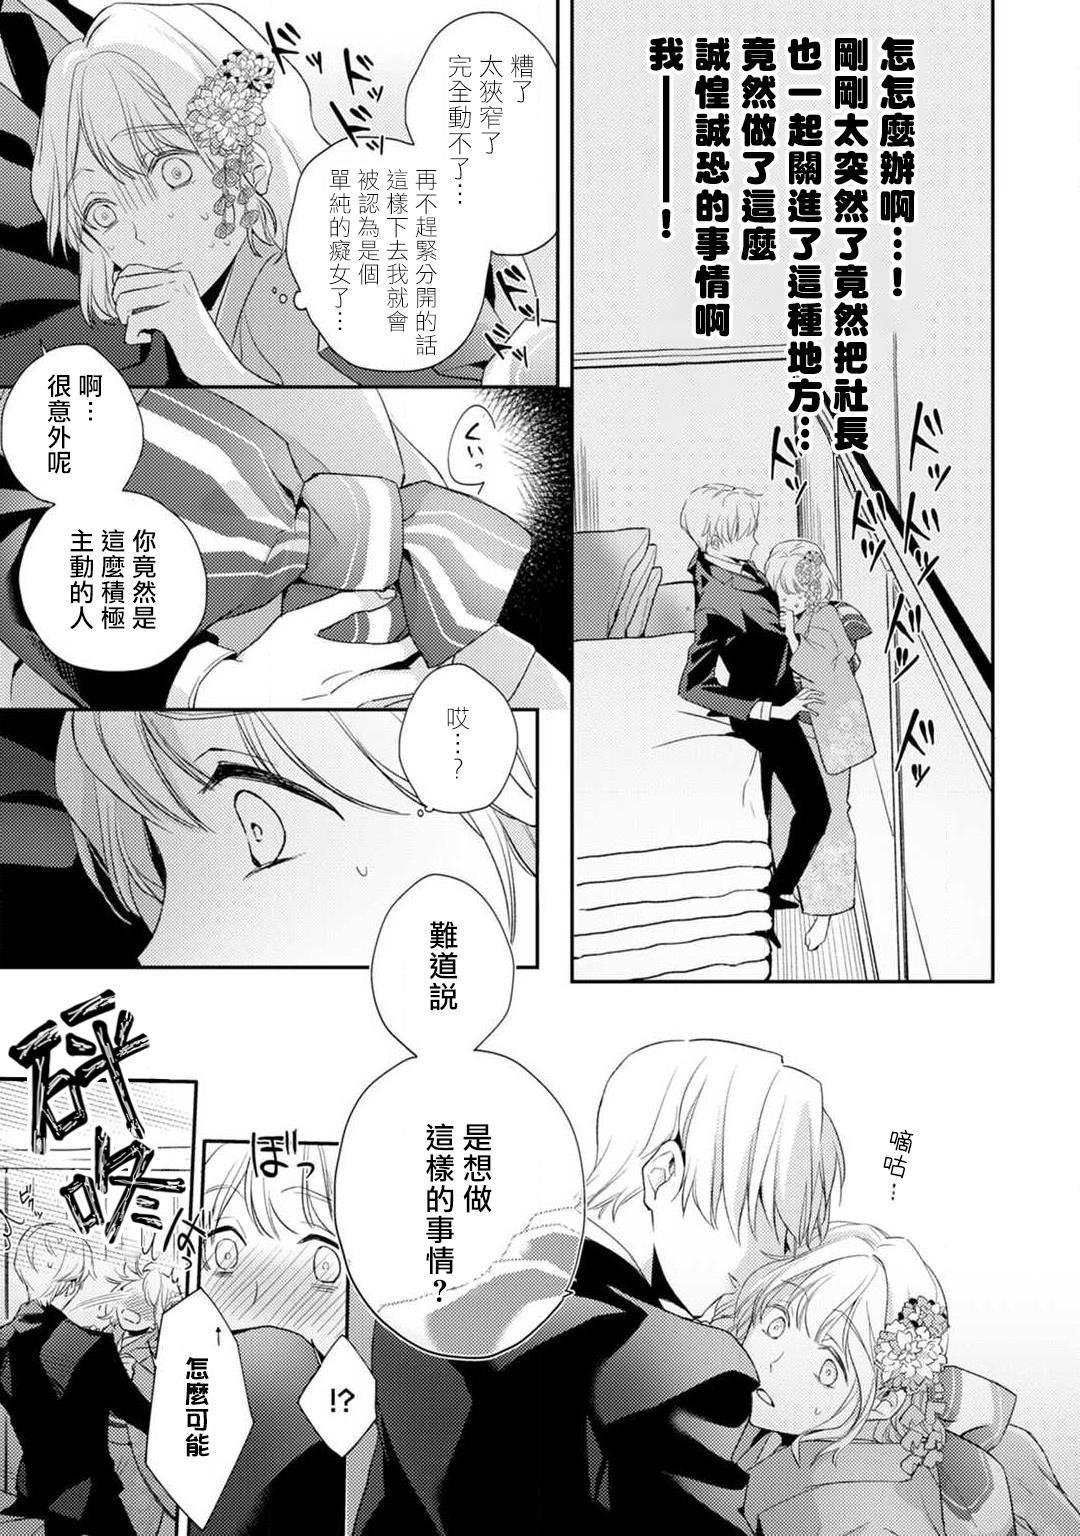 [Shichigatsu Motomi]  Sonna Kao shite, Sasotteru? ~Dekiai Shachou to Migawari Omiaikekkon!?~ 1-11  這種表情,在誘惑我嗎?~溺愛社長和替身相親結婚!? [Chinese] [拾荒者汉化组] 15